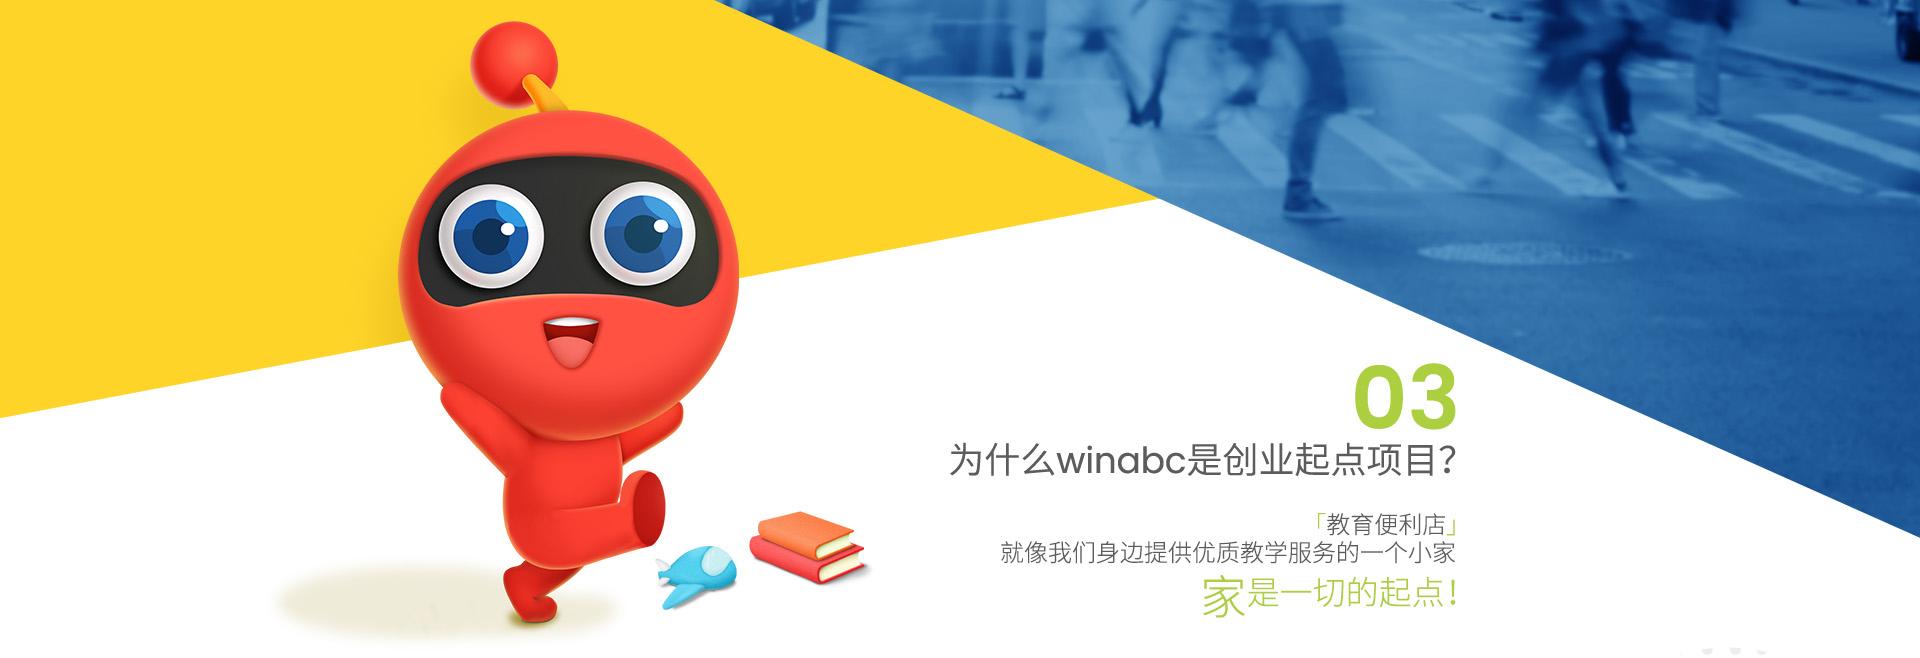 WinABC少兒融合英語winabc_05